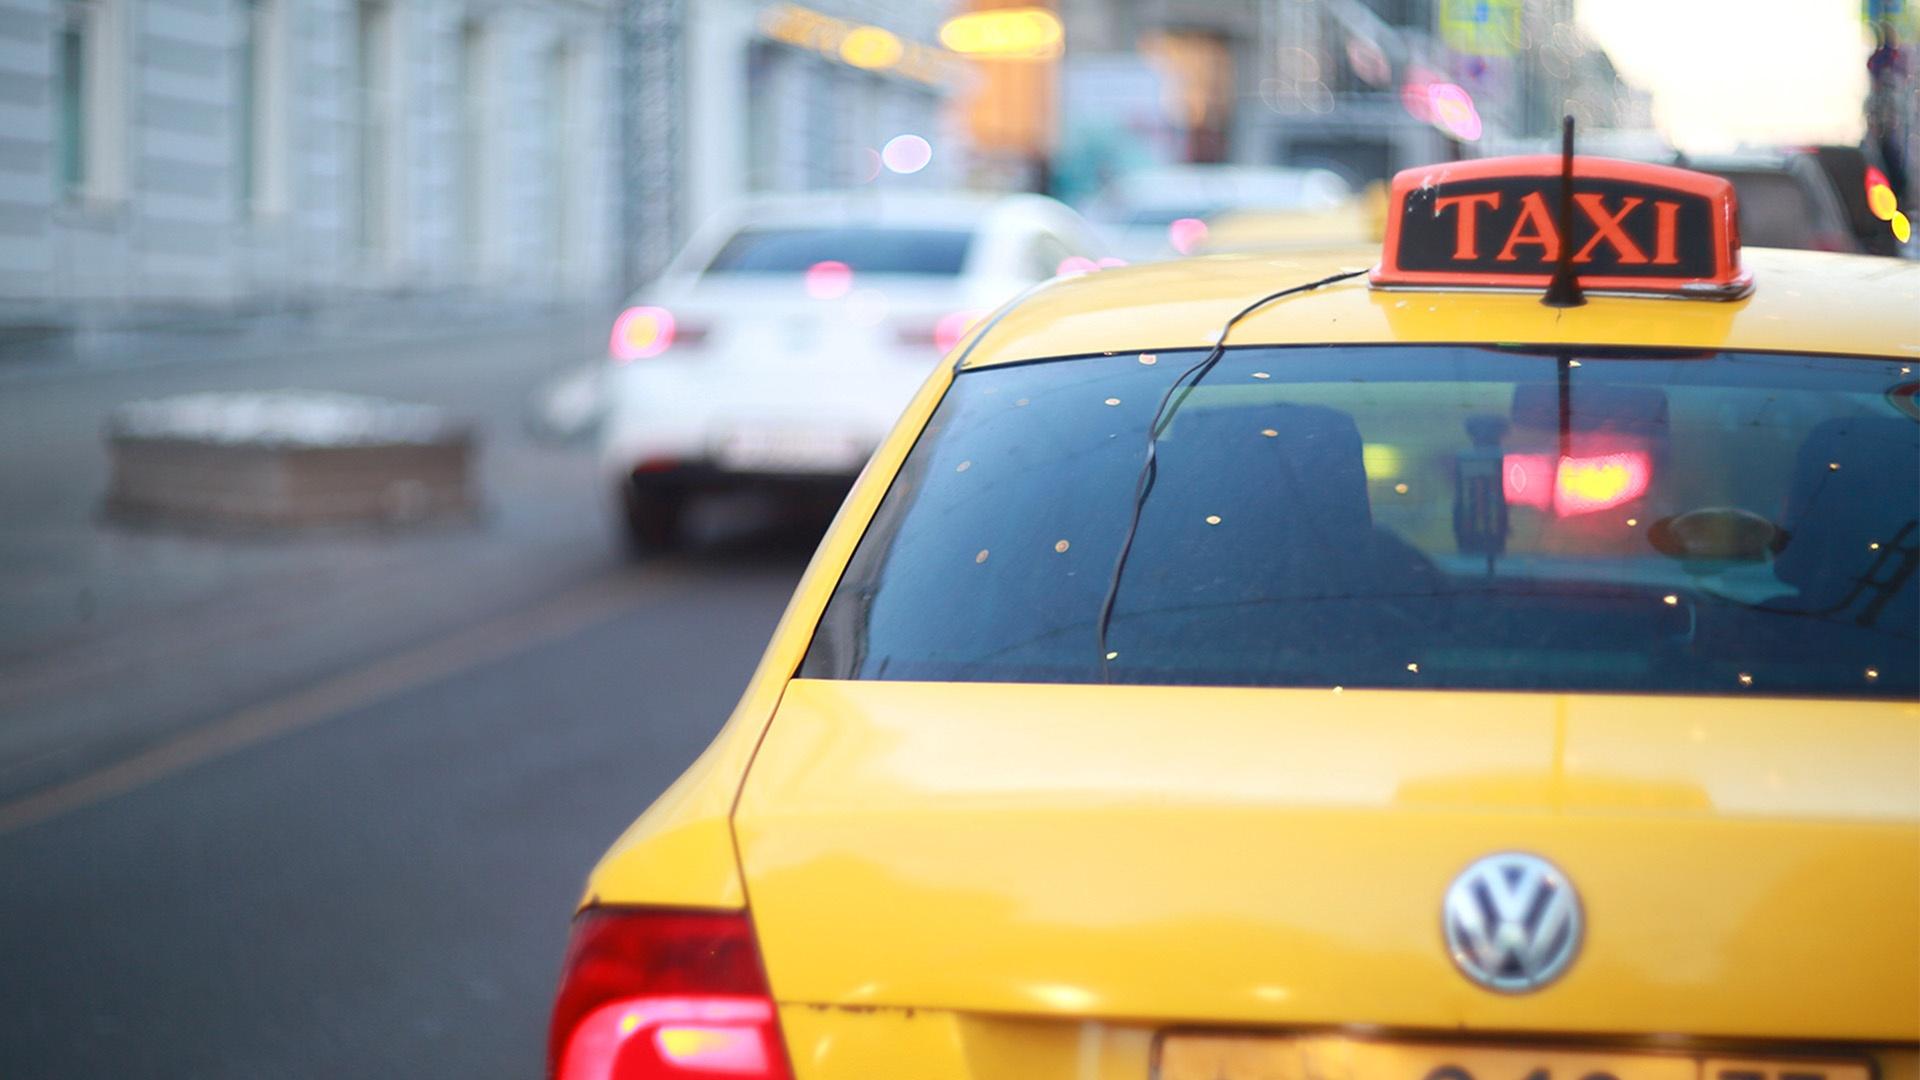 Общественники попросили губернатора Прикамья не вводить желтый цвет такси